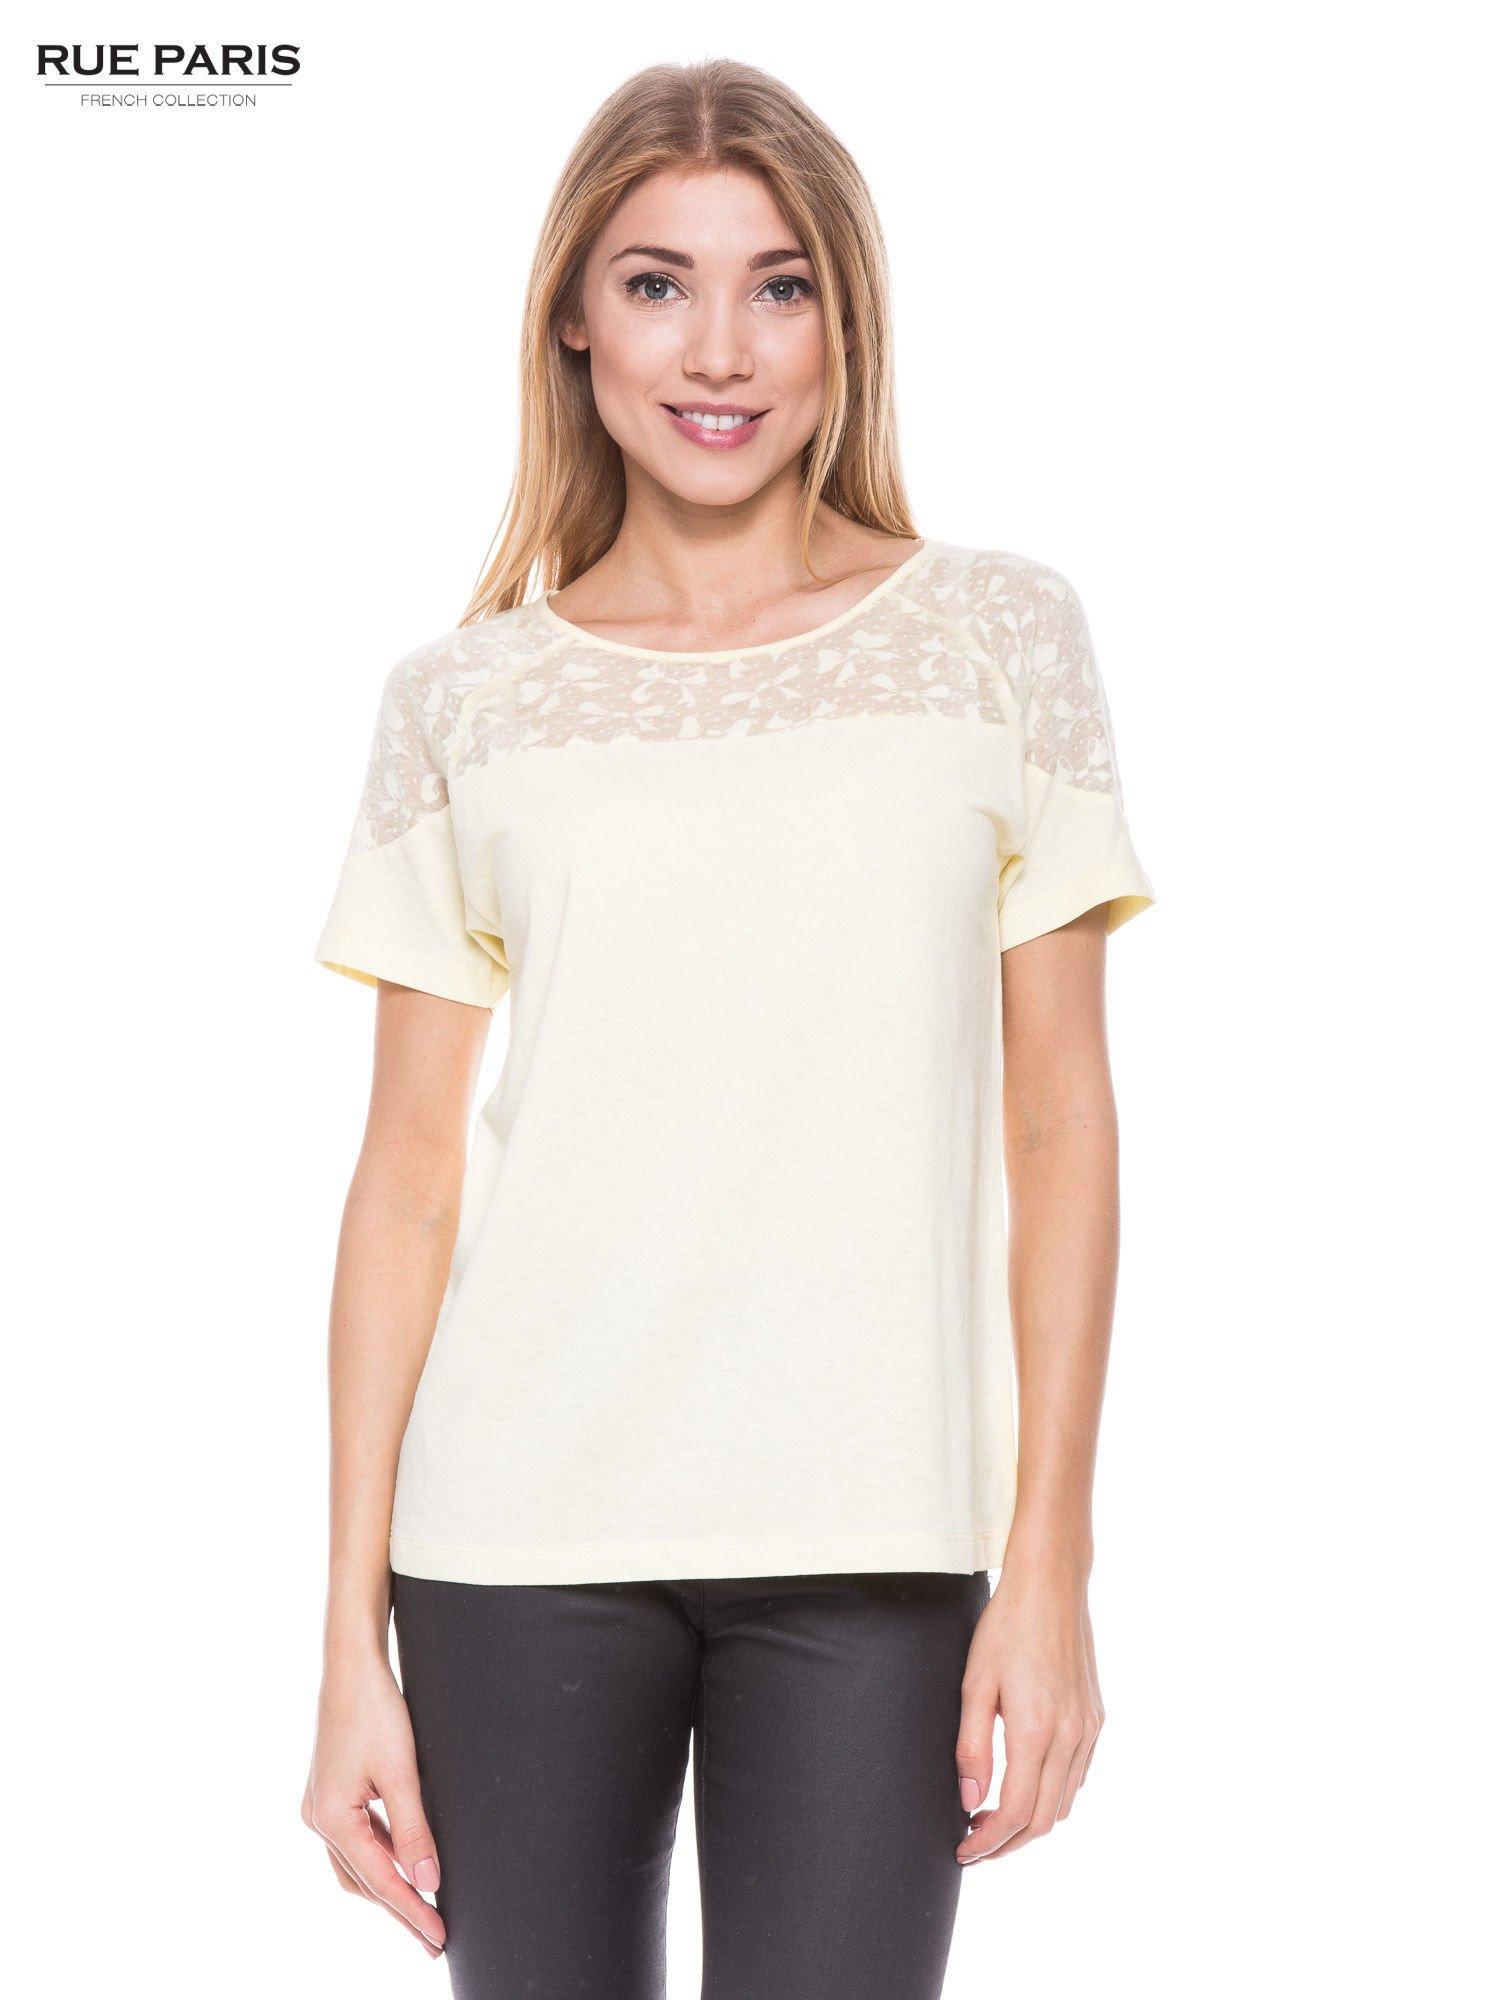 Żółty t-shirt z transparentną górą w kokardki                                  zdj.                                  1